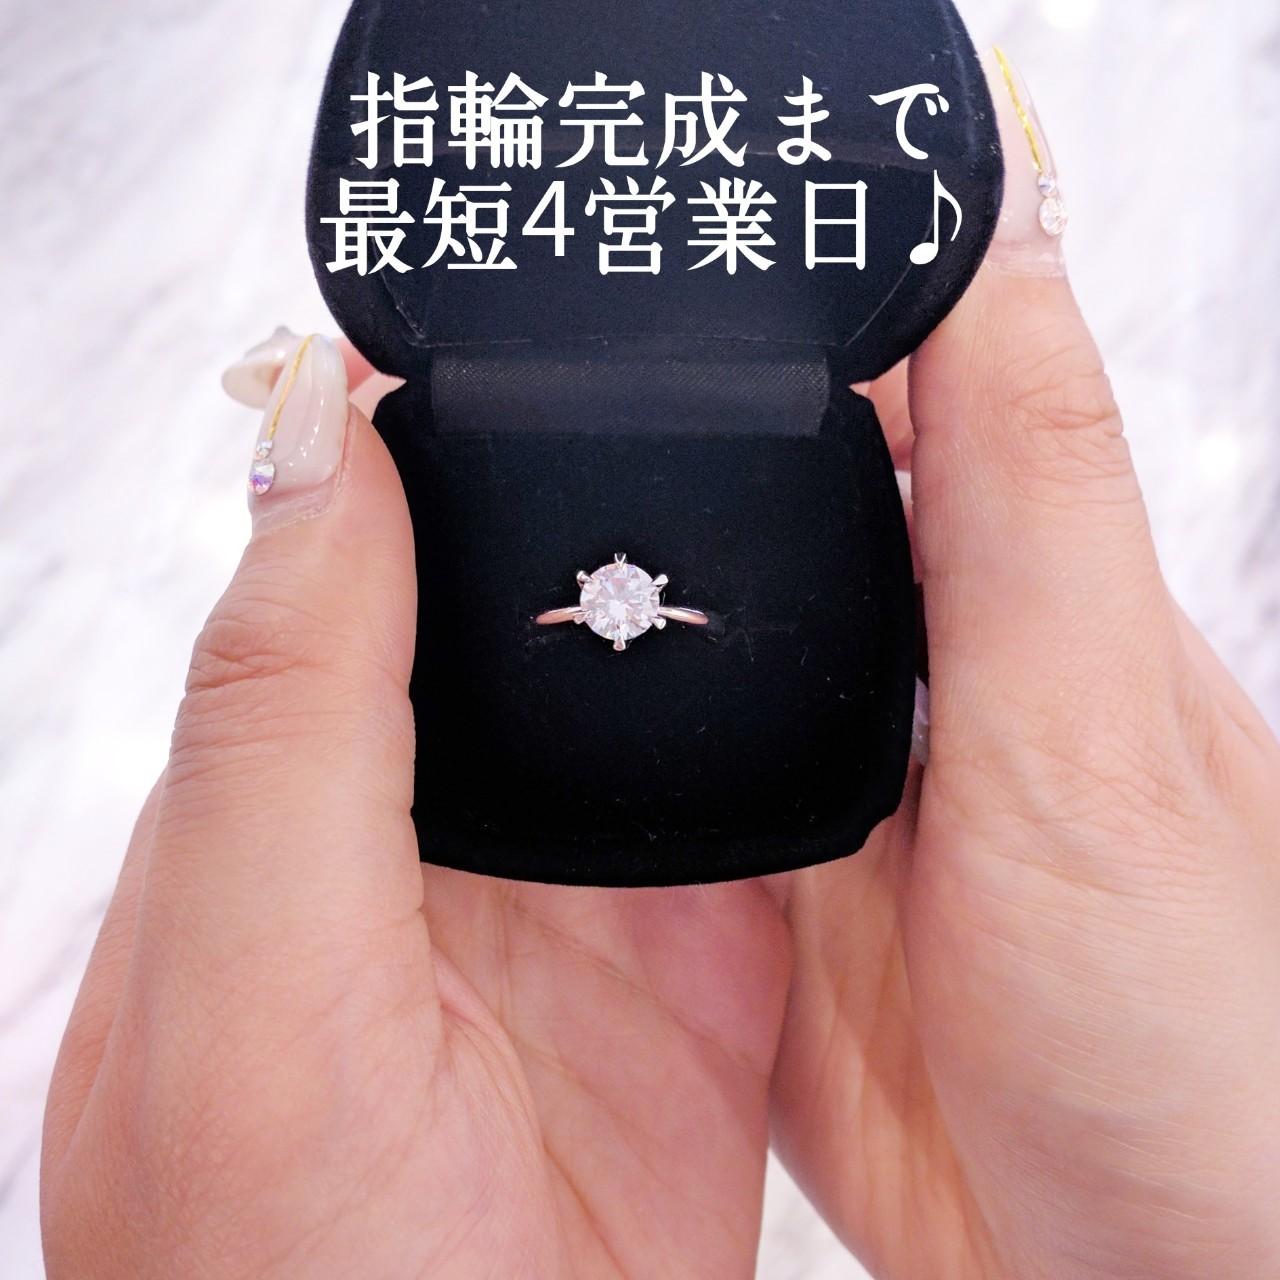 プロポーズリング 婚約指輪 エンゲージリング 最短4営業日で完成